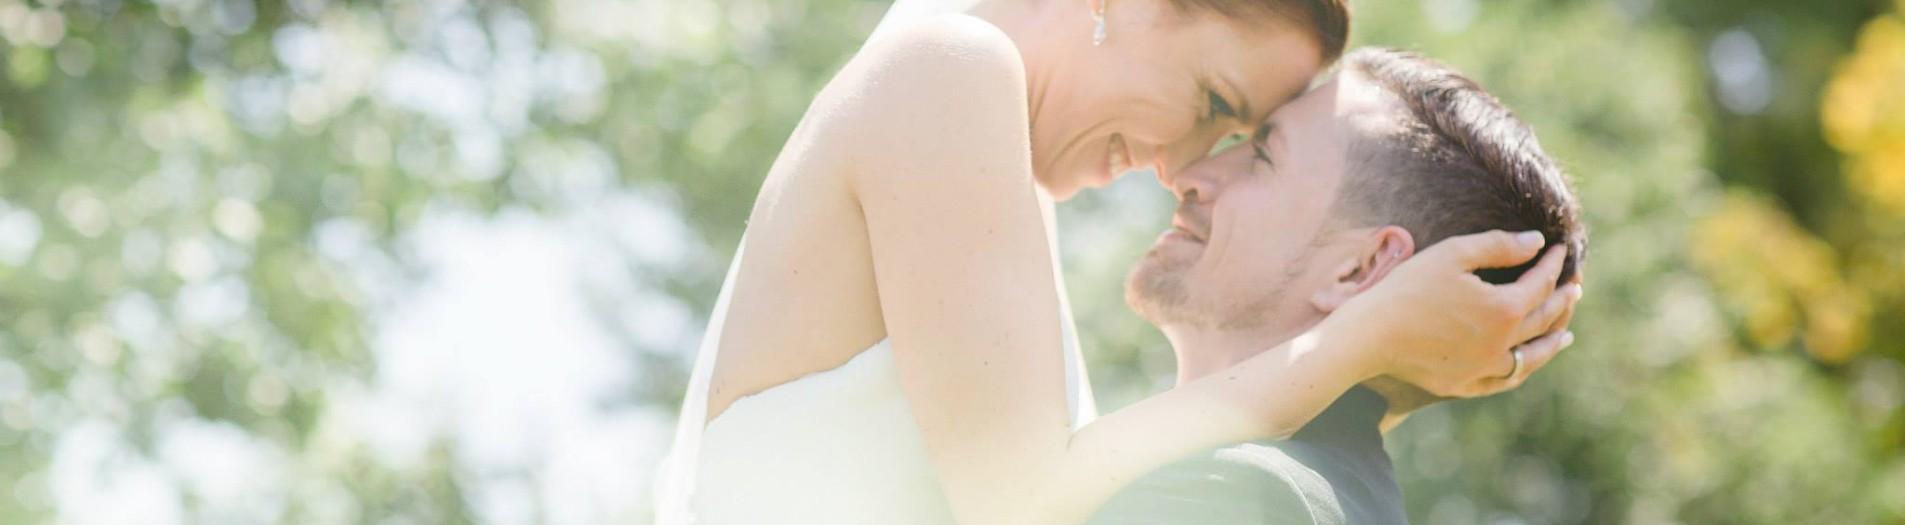 Hochzeitsfotografie in Winnenden mit Lena und Wladimir